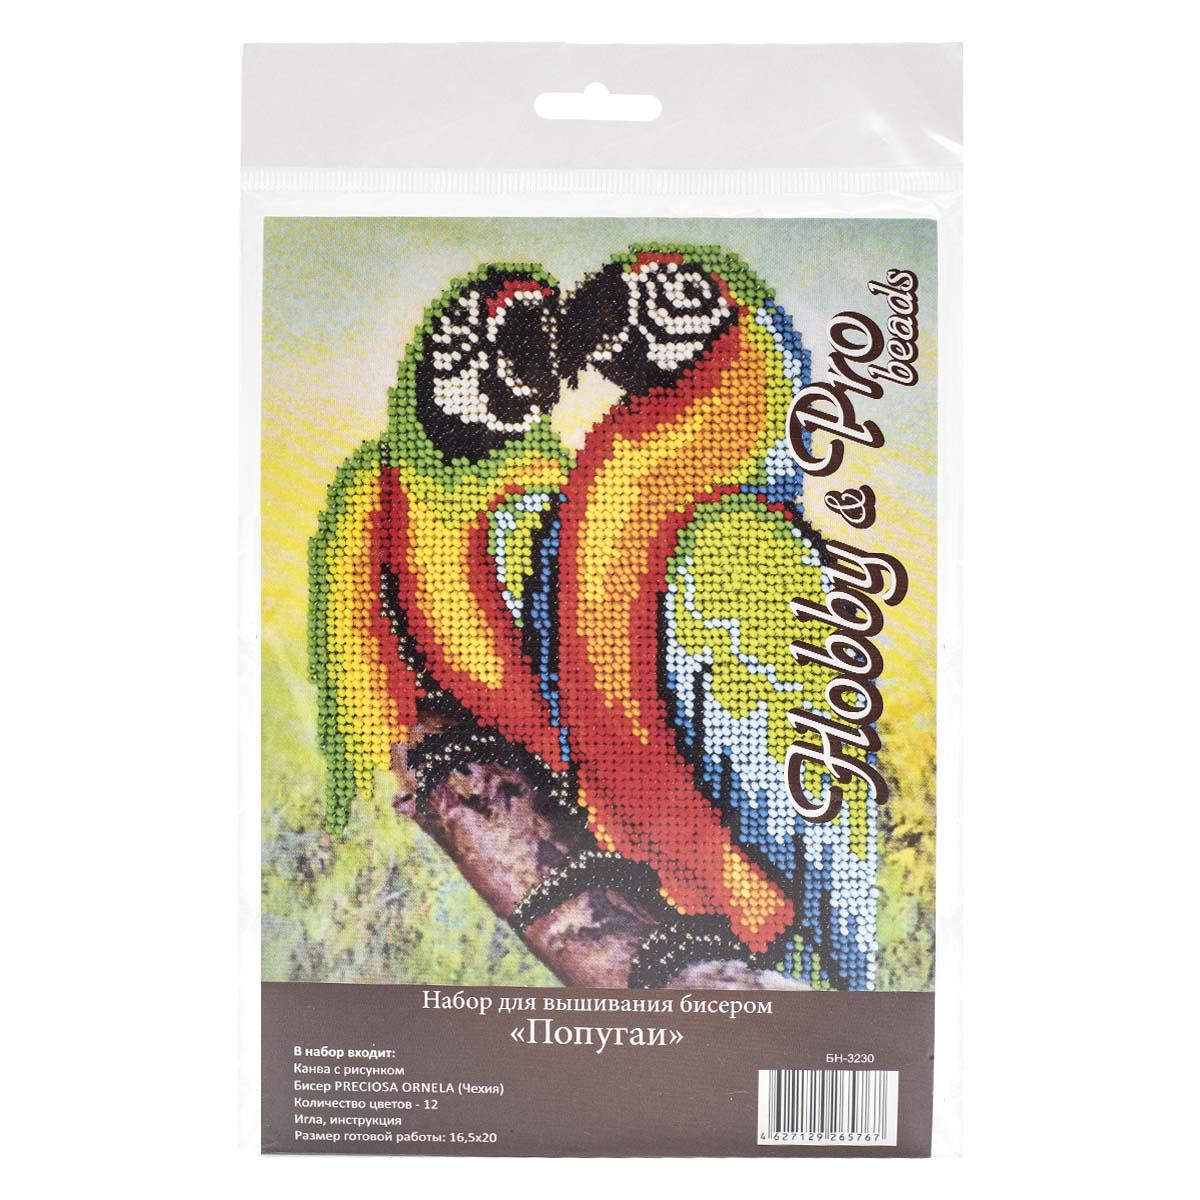 """Набор для вышивания бисером БН-3230 """"Попугаи"""", 16,5х20 см, Hobby&Pro"""